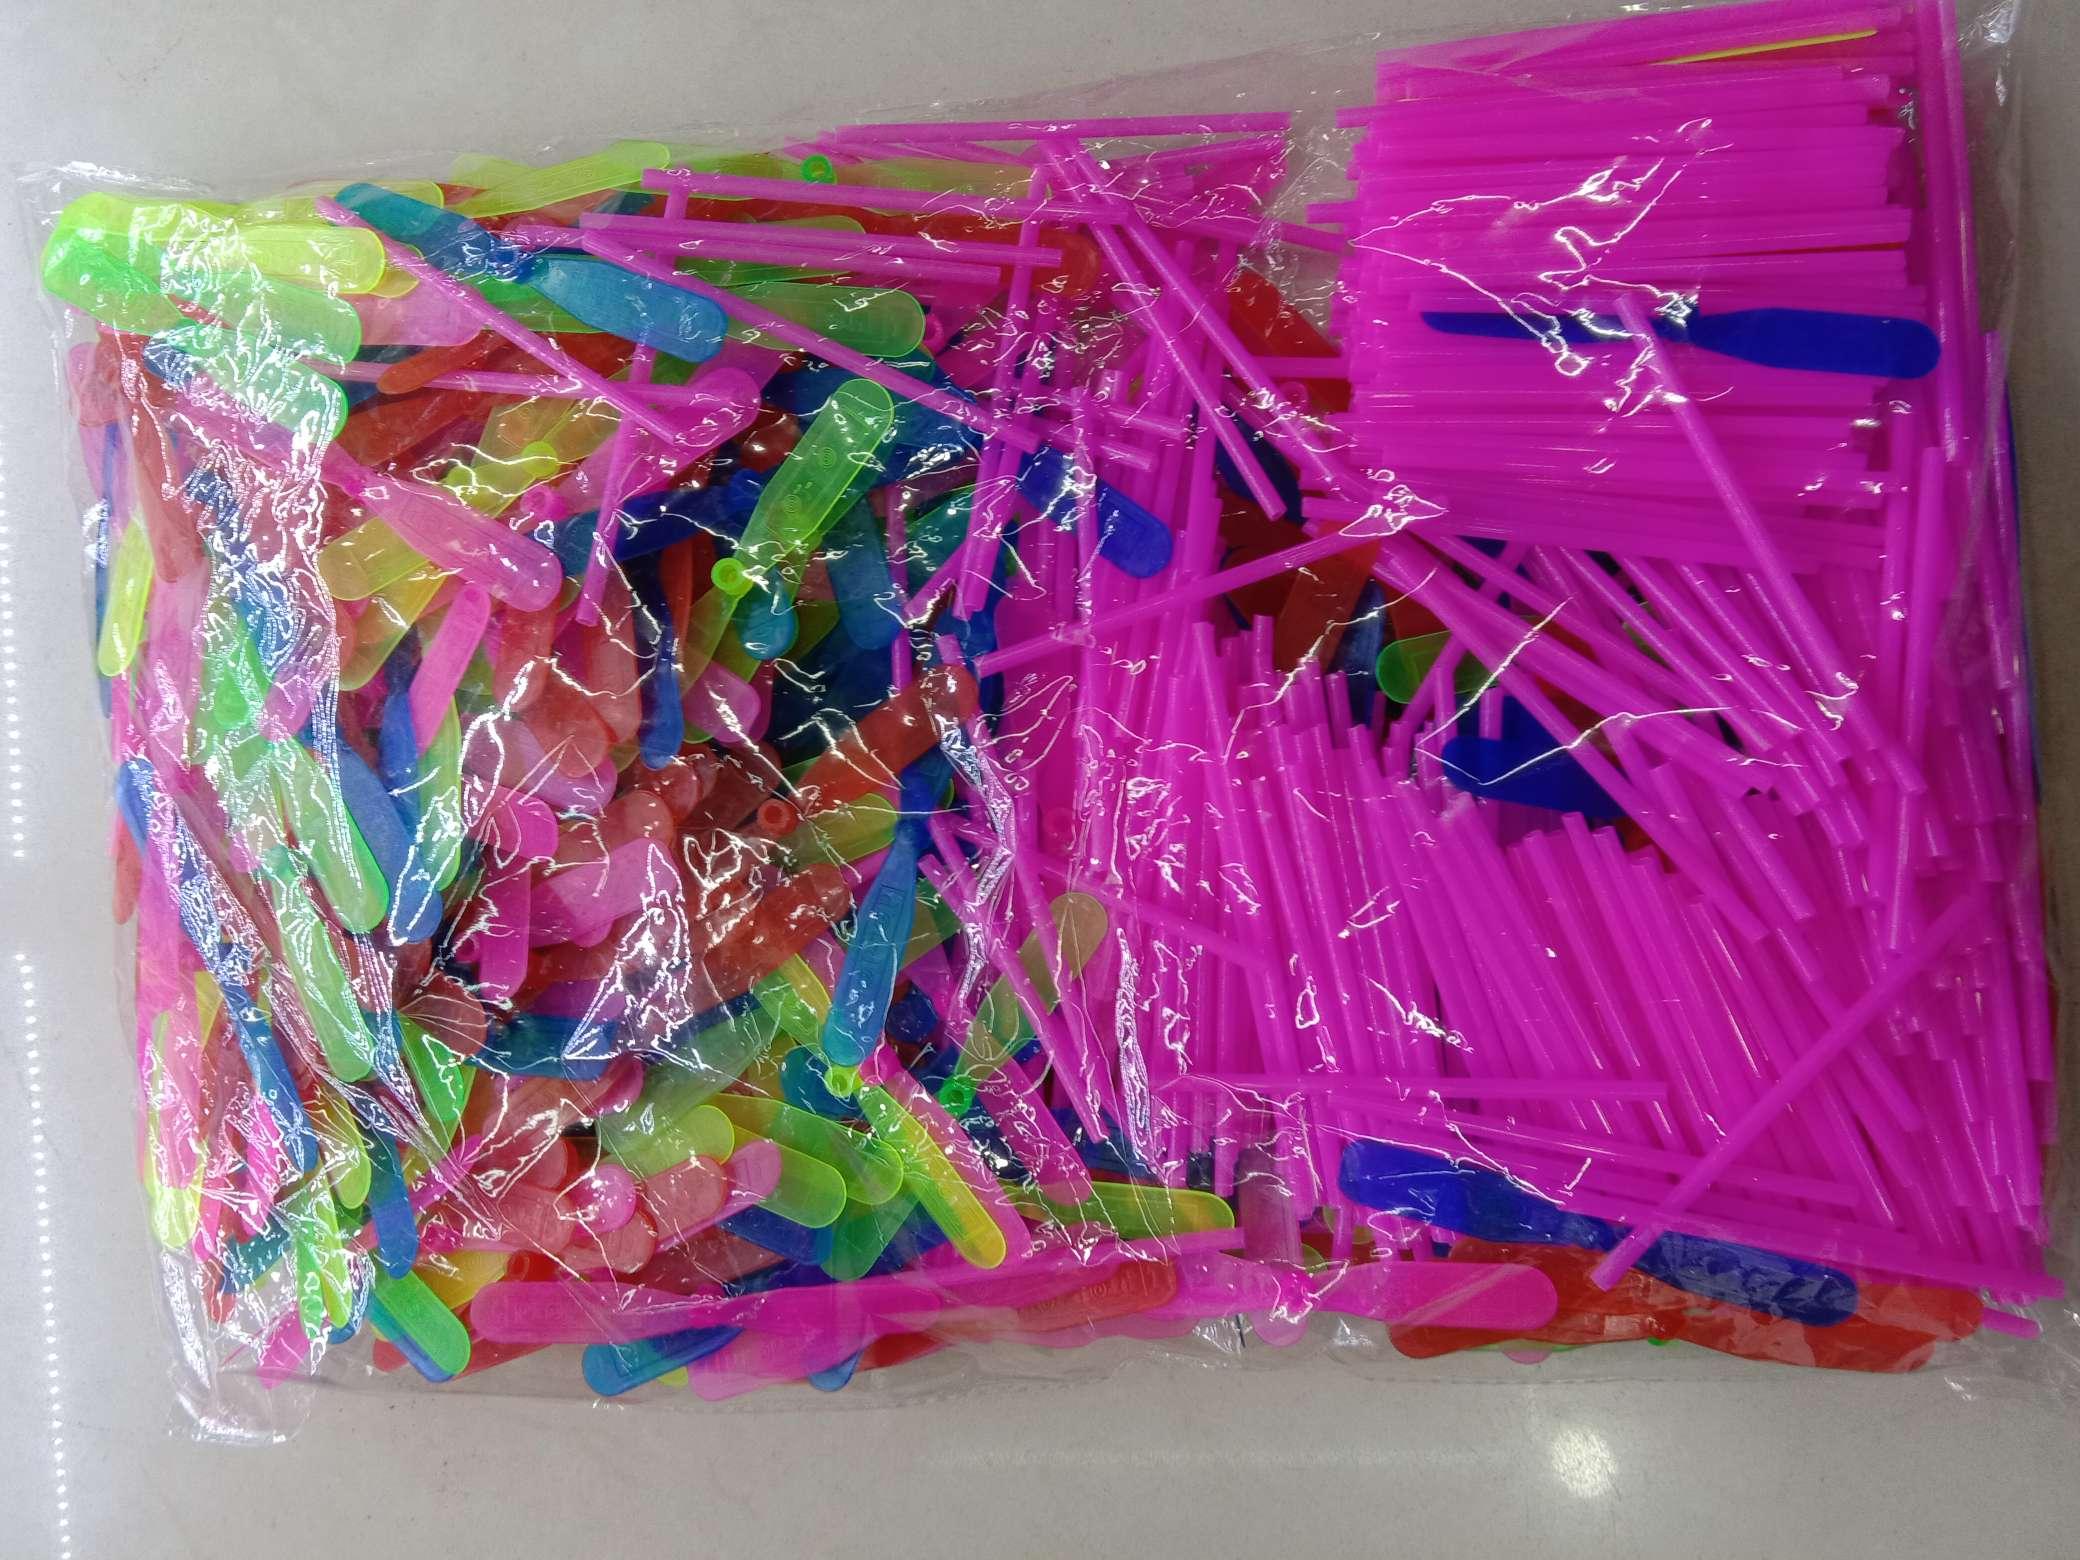 益智小号9CM竹蜻蜓手搓塑料蜻蜓飞天怀旧